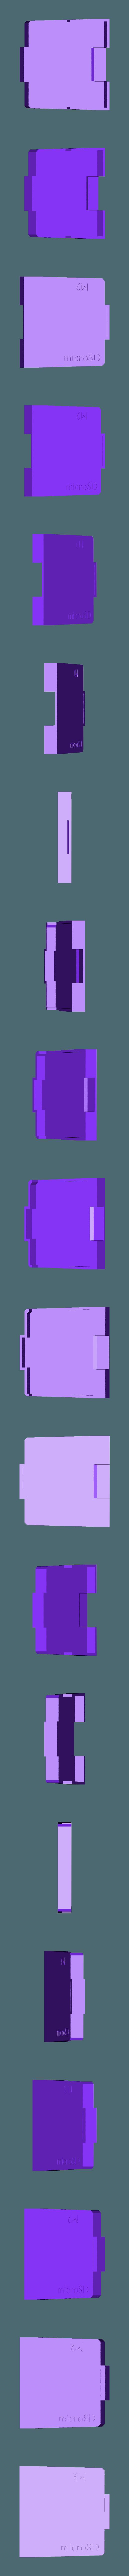 JG_card_reader_case_1.stl Download free STL file Card Reader Thinner Case • 3D printing object, c47